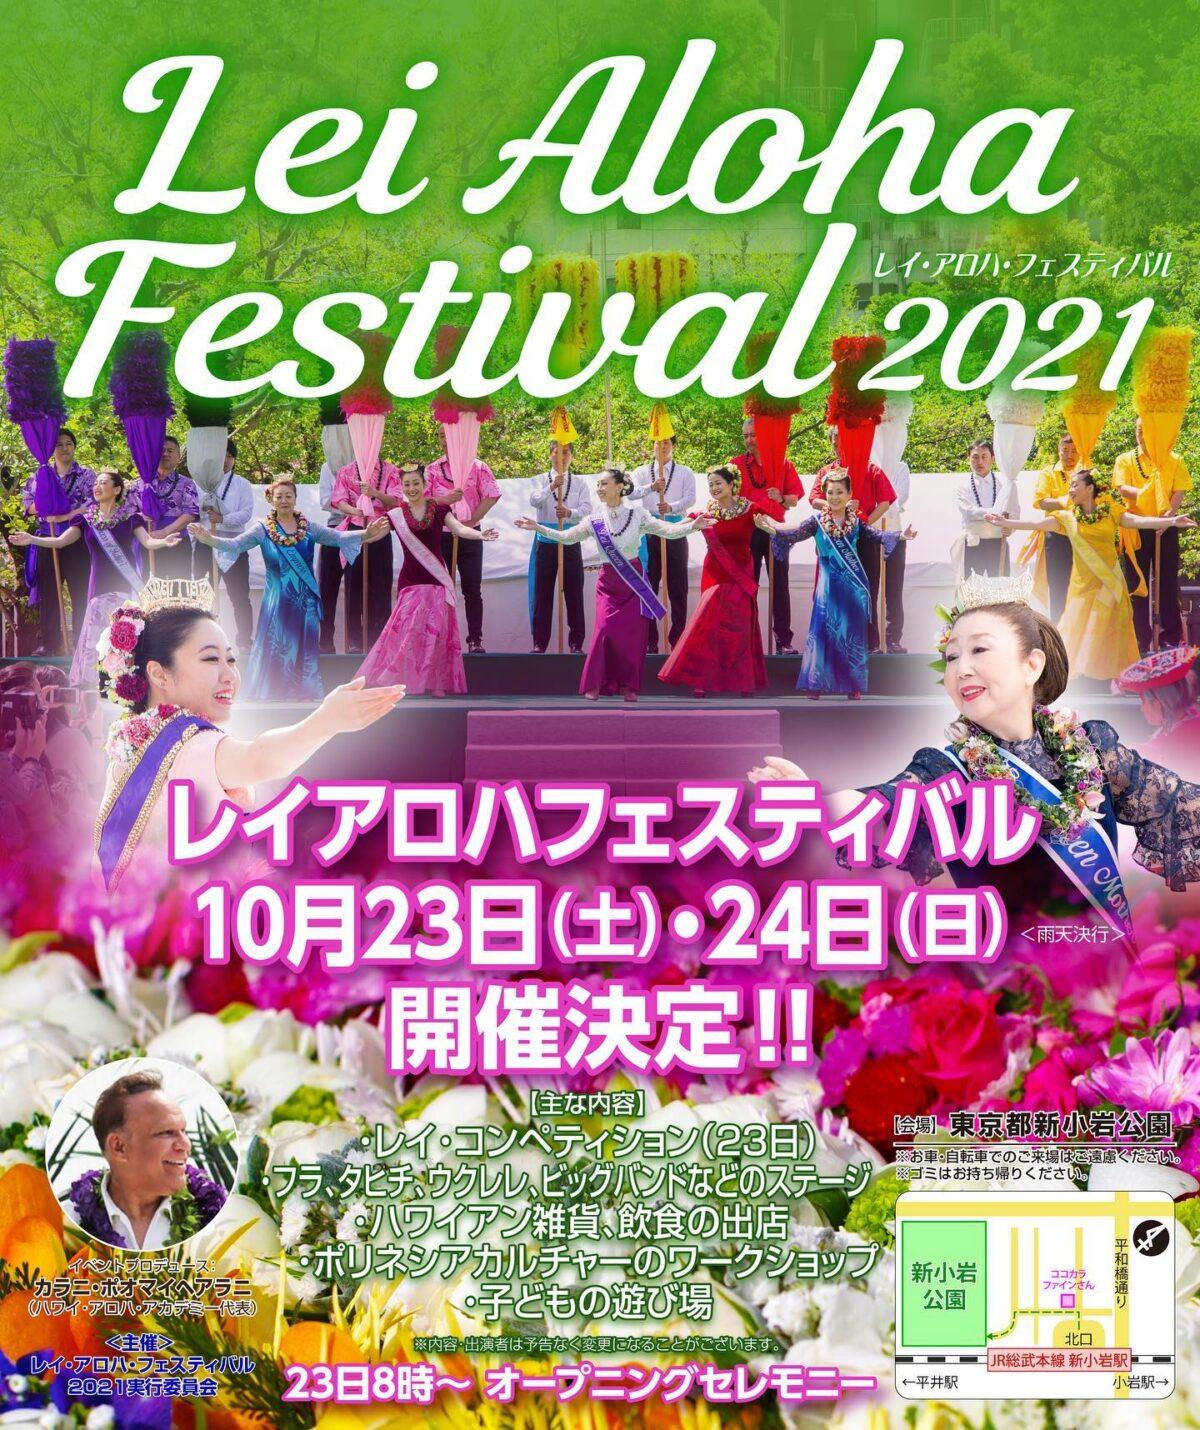 2021年10月23日(土)〜 レイアロハフェスティバル 2021@新小岩公園